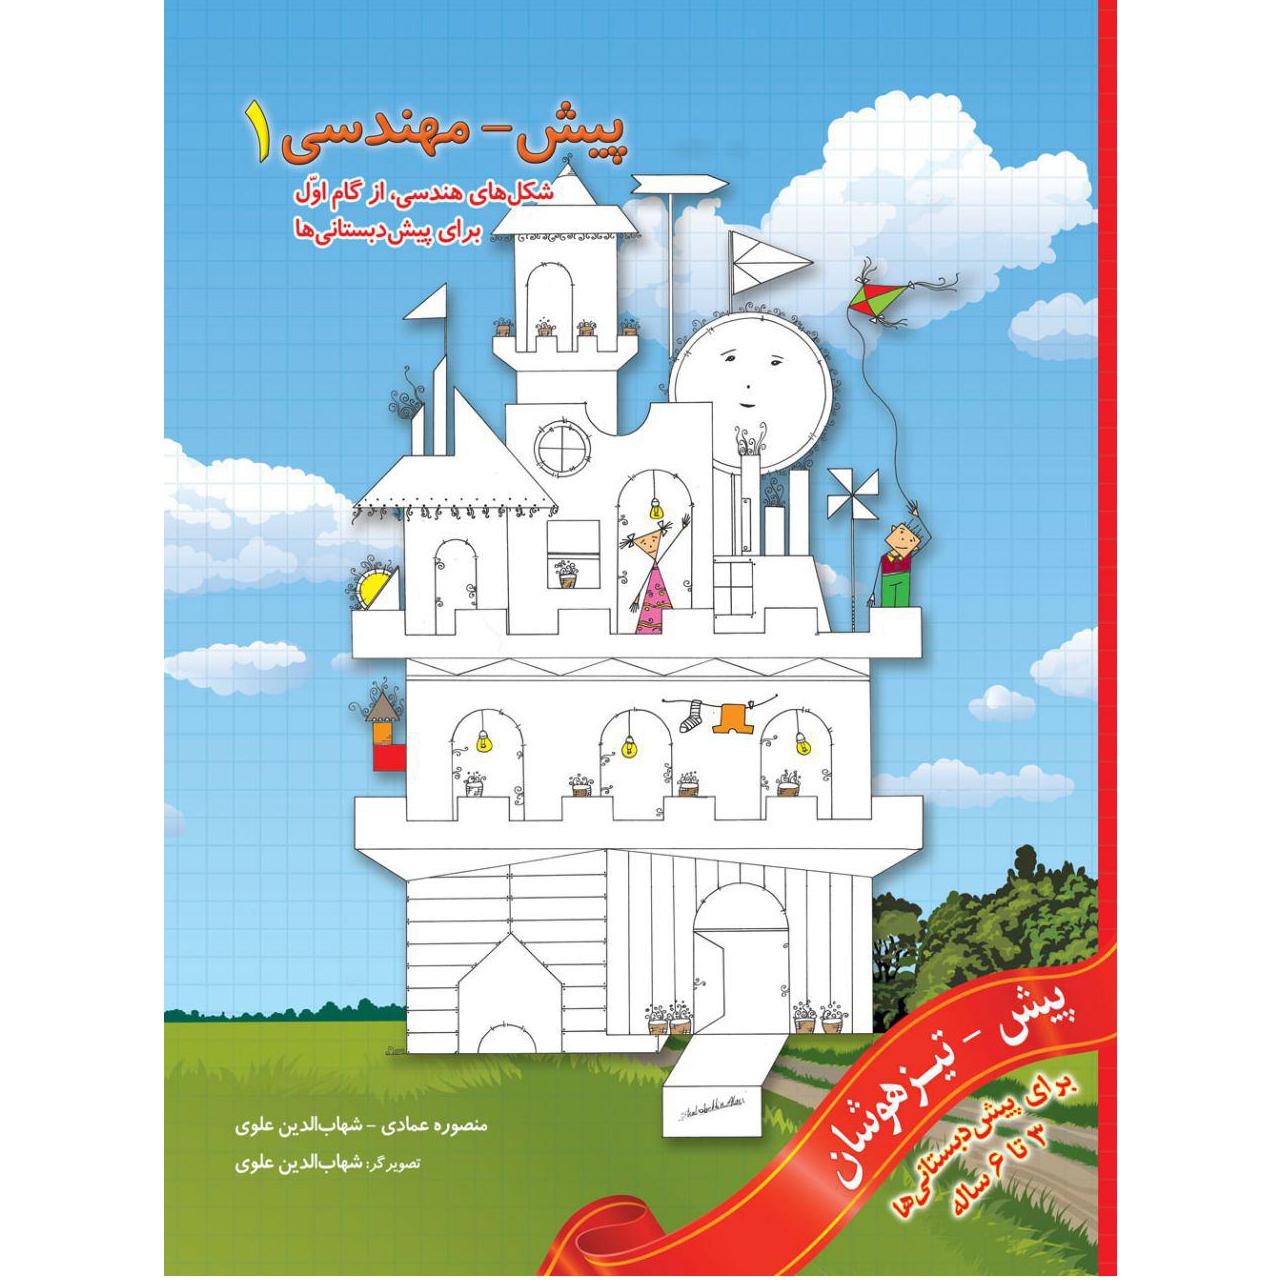 کتاب پیش مهندسی 1 اثر منصوره عمادی و شهاب الدین علوی